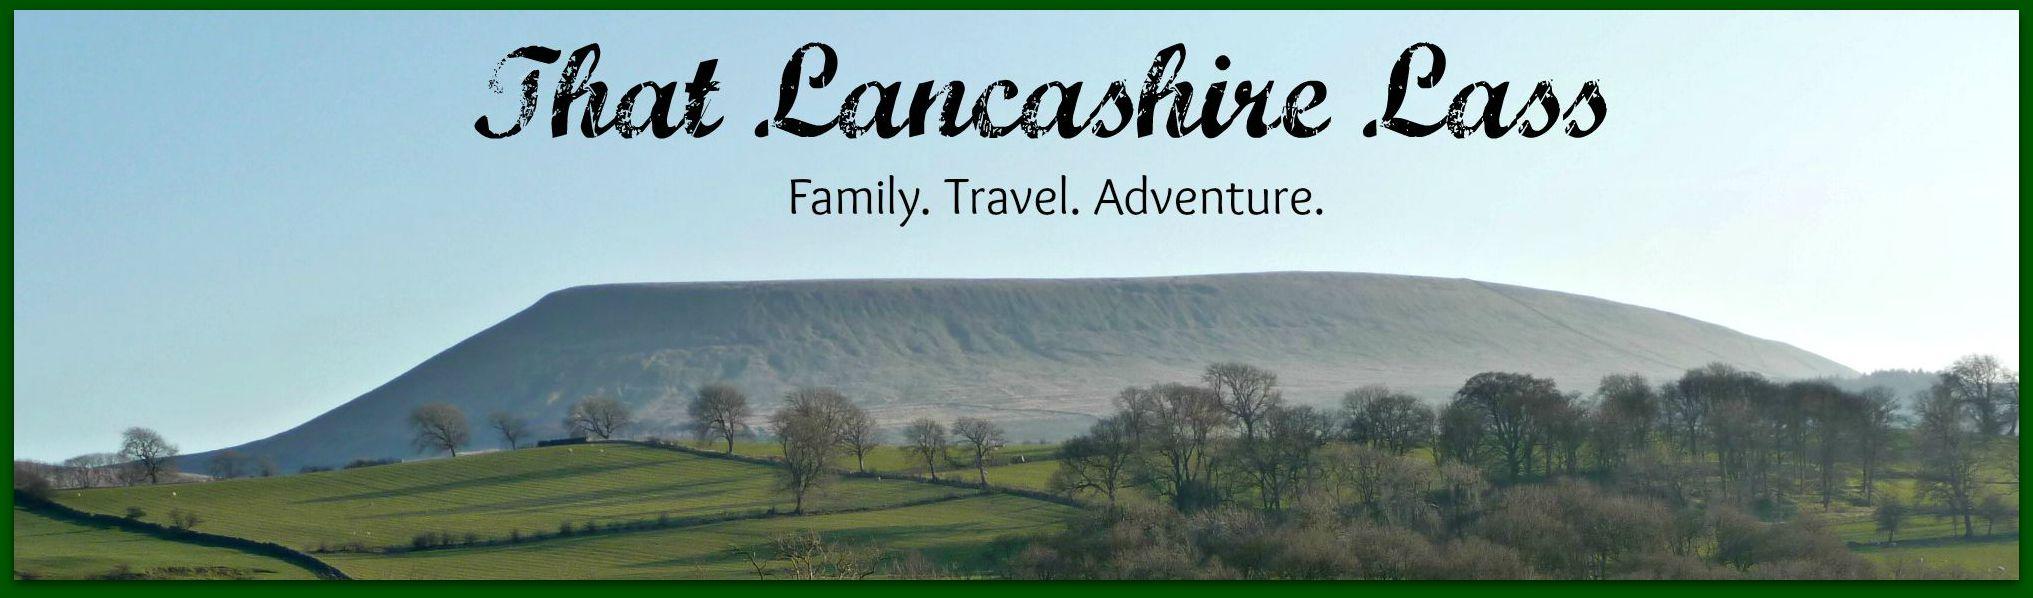 That Lancashire Lass